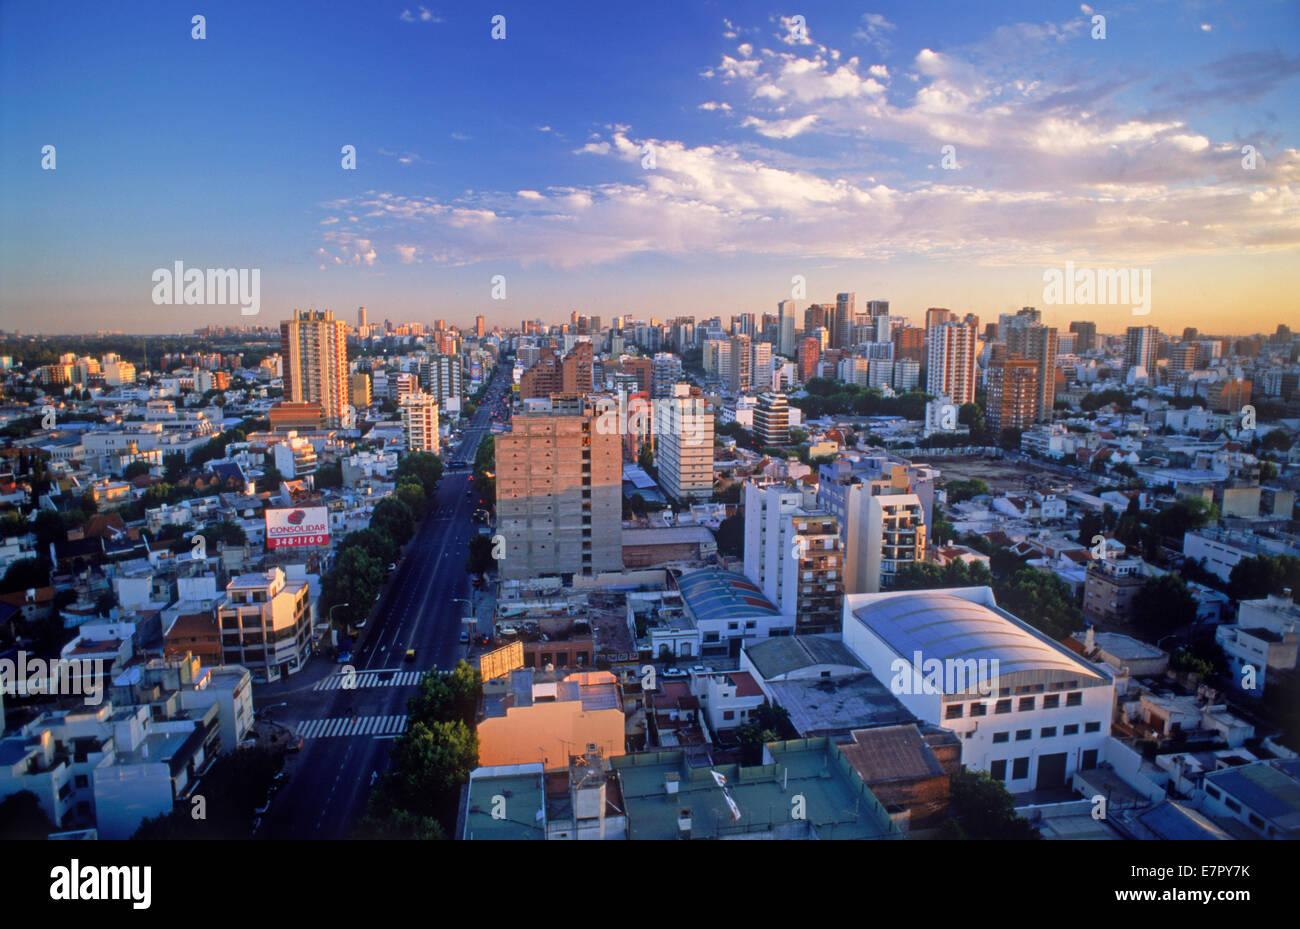 Descripción general de casas blancas en el río de La Plata y Belgrano, barrio con estadio en Buenos Aires. Imagen De Stock